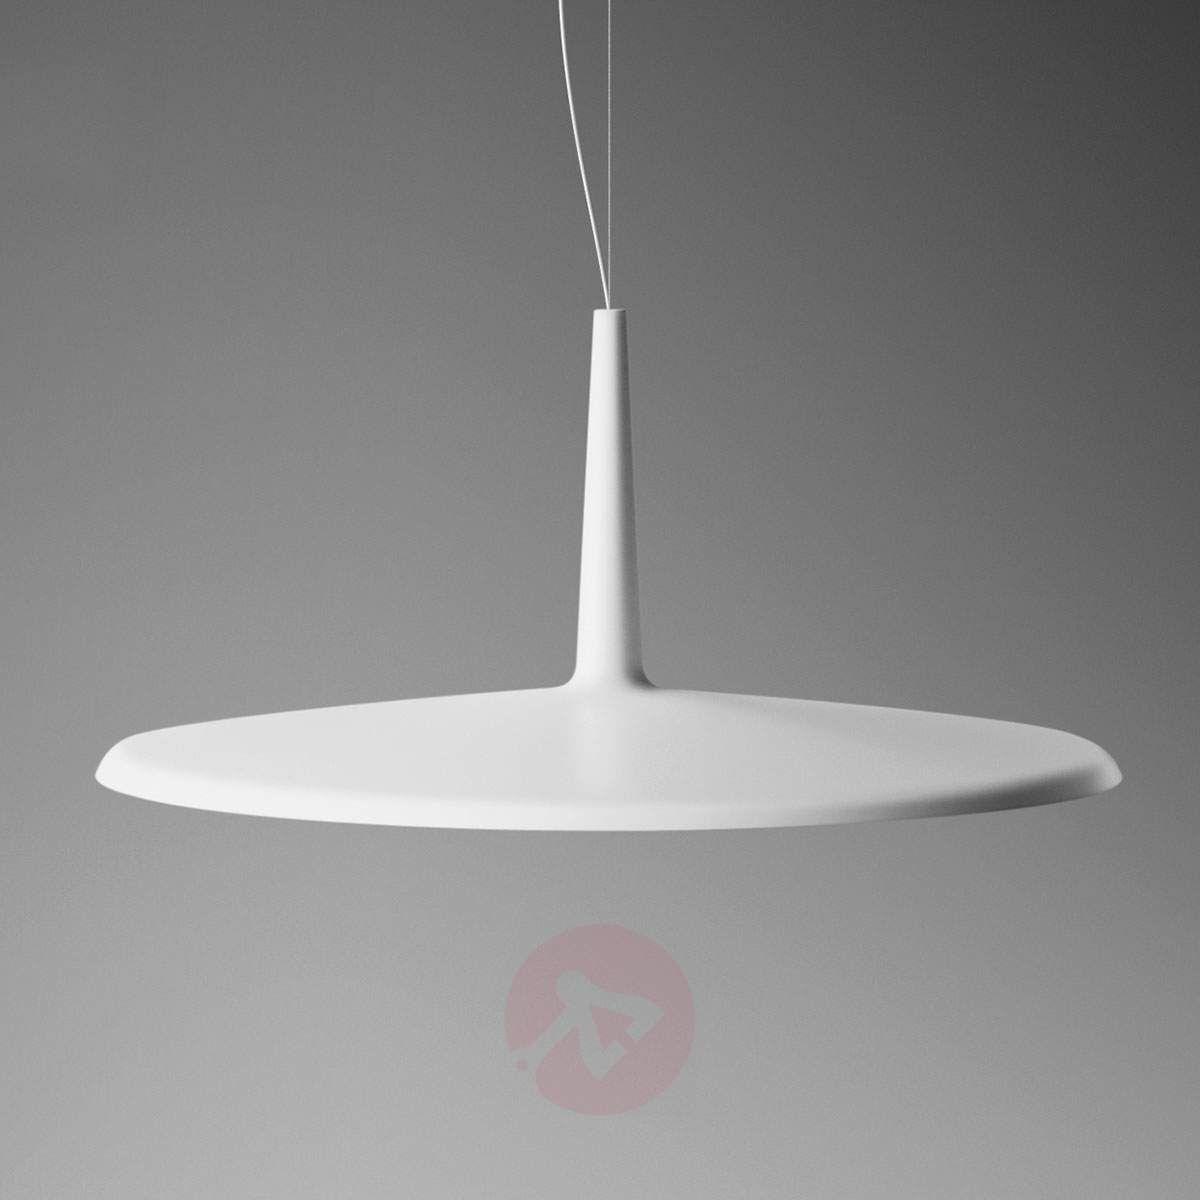 Oprawy Led Sufitowe Cena Lampa Wisząca Led Tray 3000 K 630